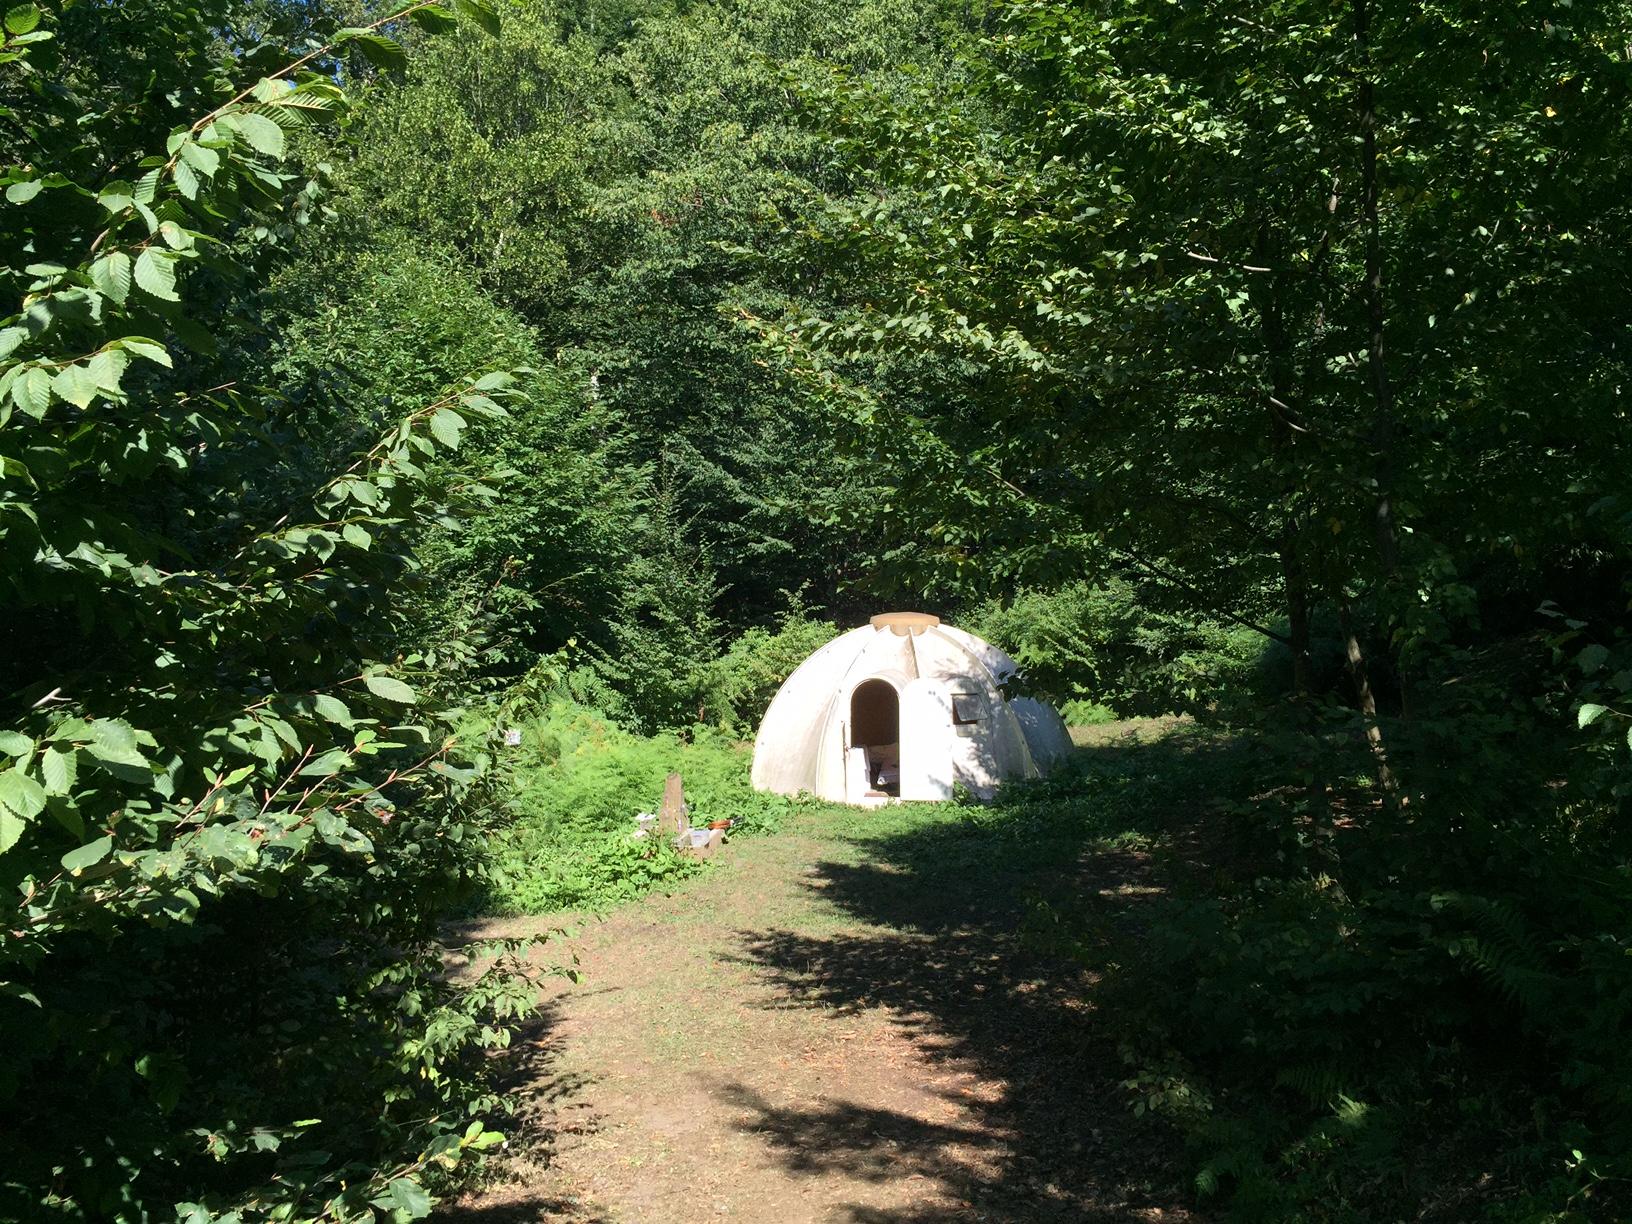 Gölyaka Kamp - İstanbul'a yakın yerler